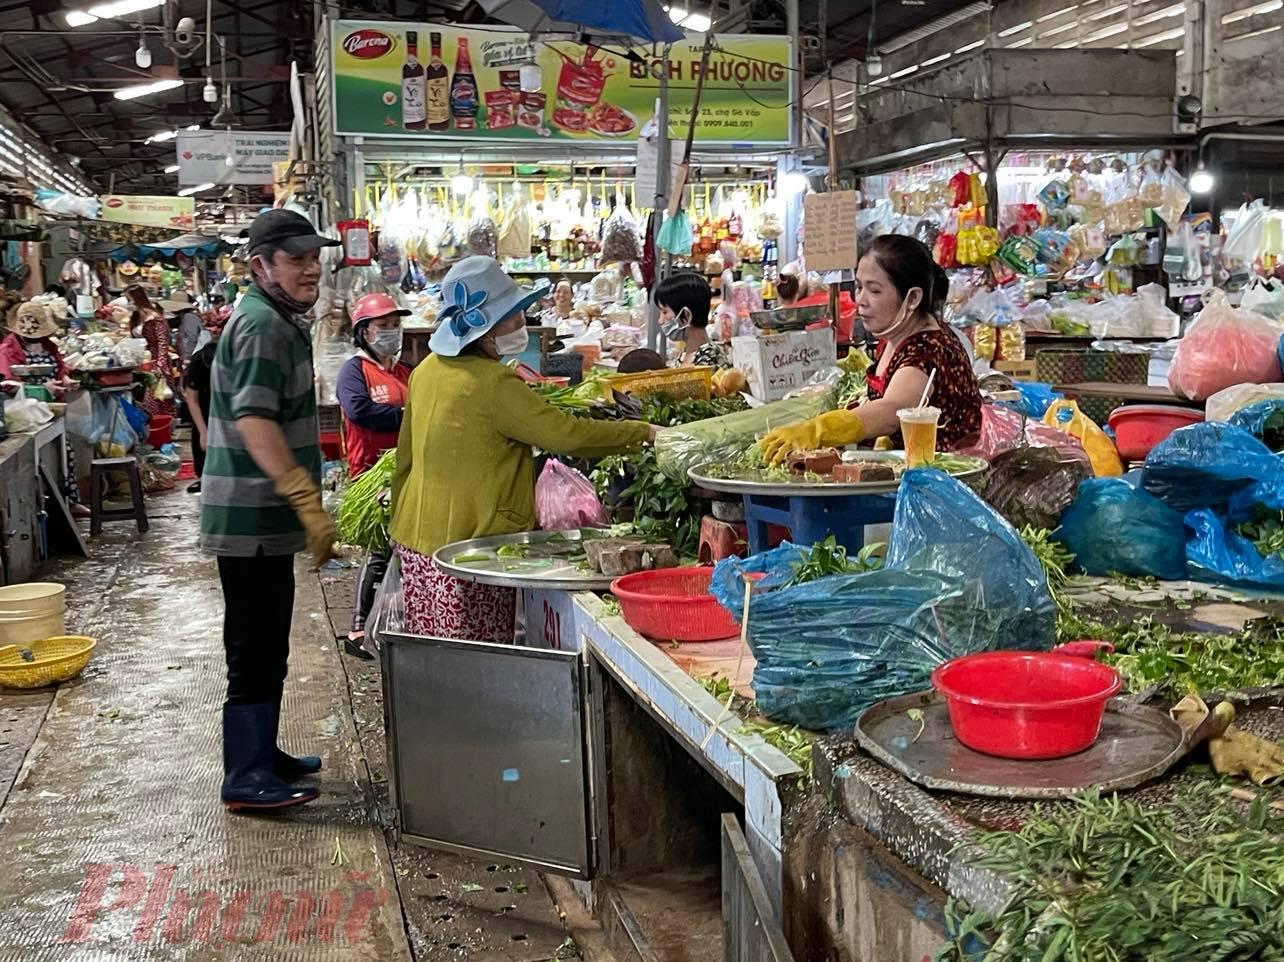 Chợ truyền thống chỉ được bán lương thực thực phẩm, nhu yếu phẩm và xử lý nghiêm những trường hợp không thực hiện phòng, chống dịch COVID-19 đúng quy định.